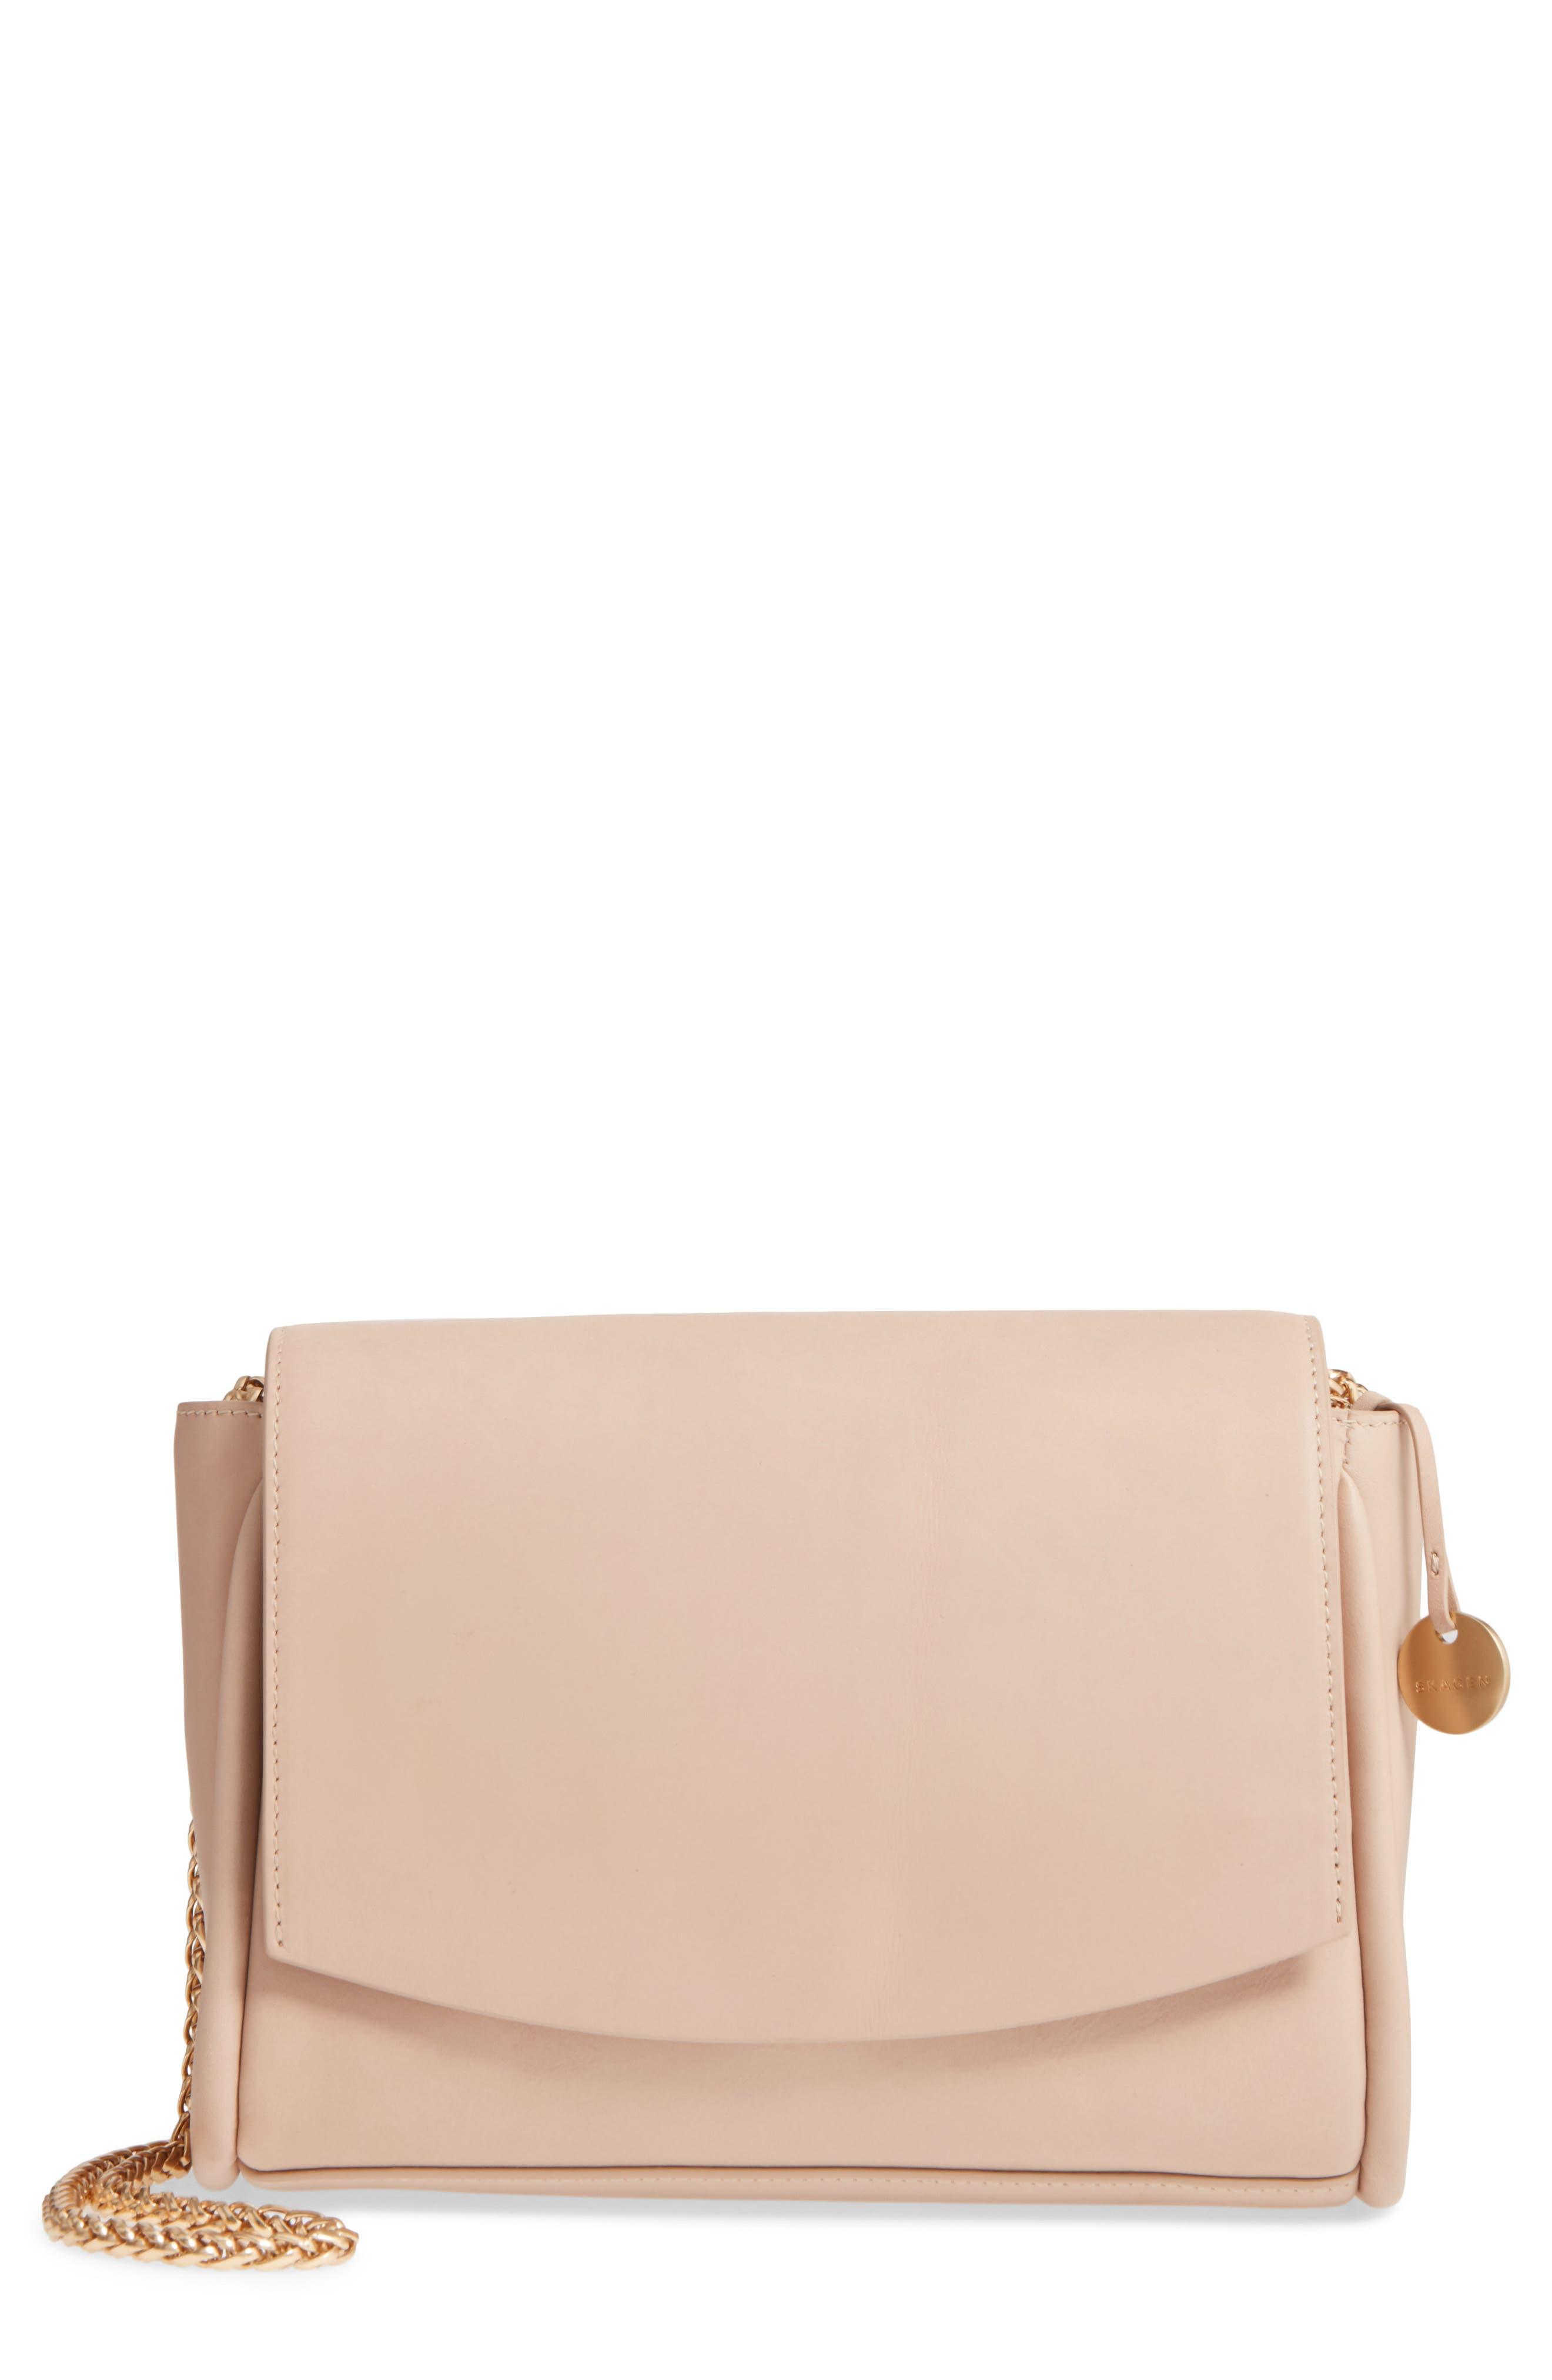 Sylvi Calfskin Leather Crossbody Bag,                             Main thumbnail 1, color,                             Beige